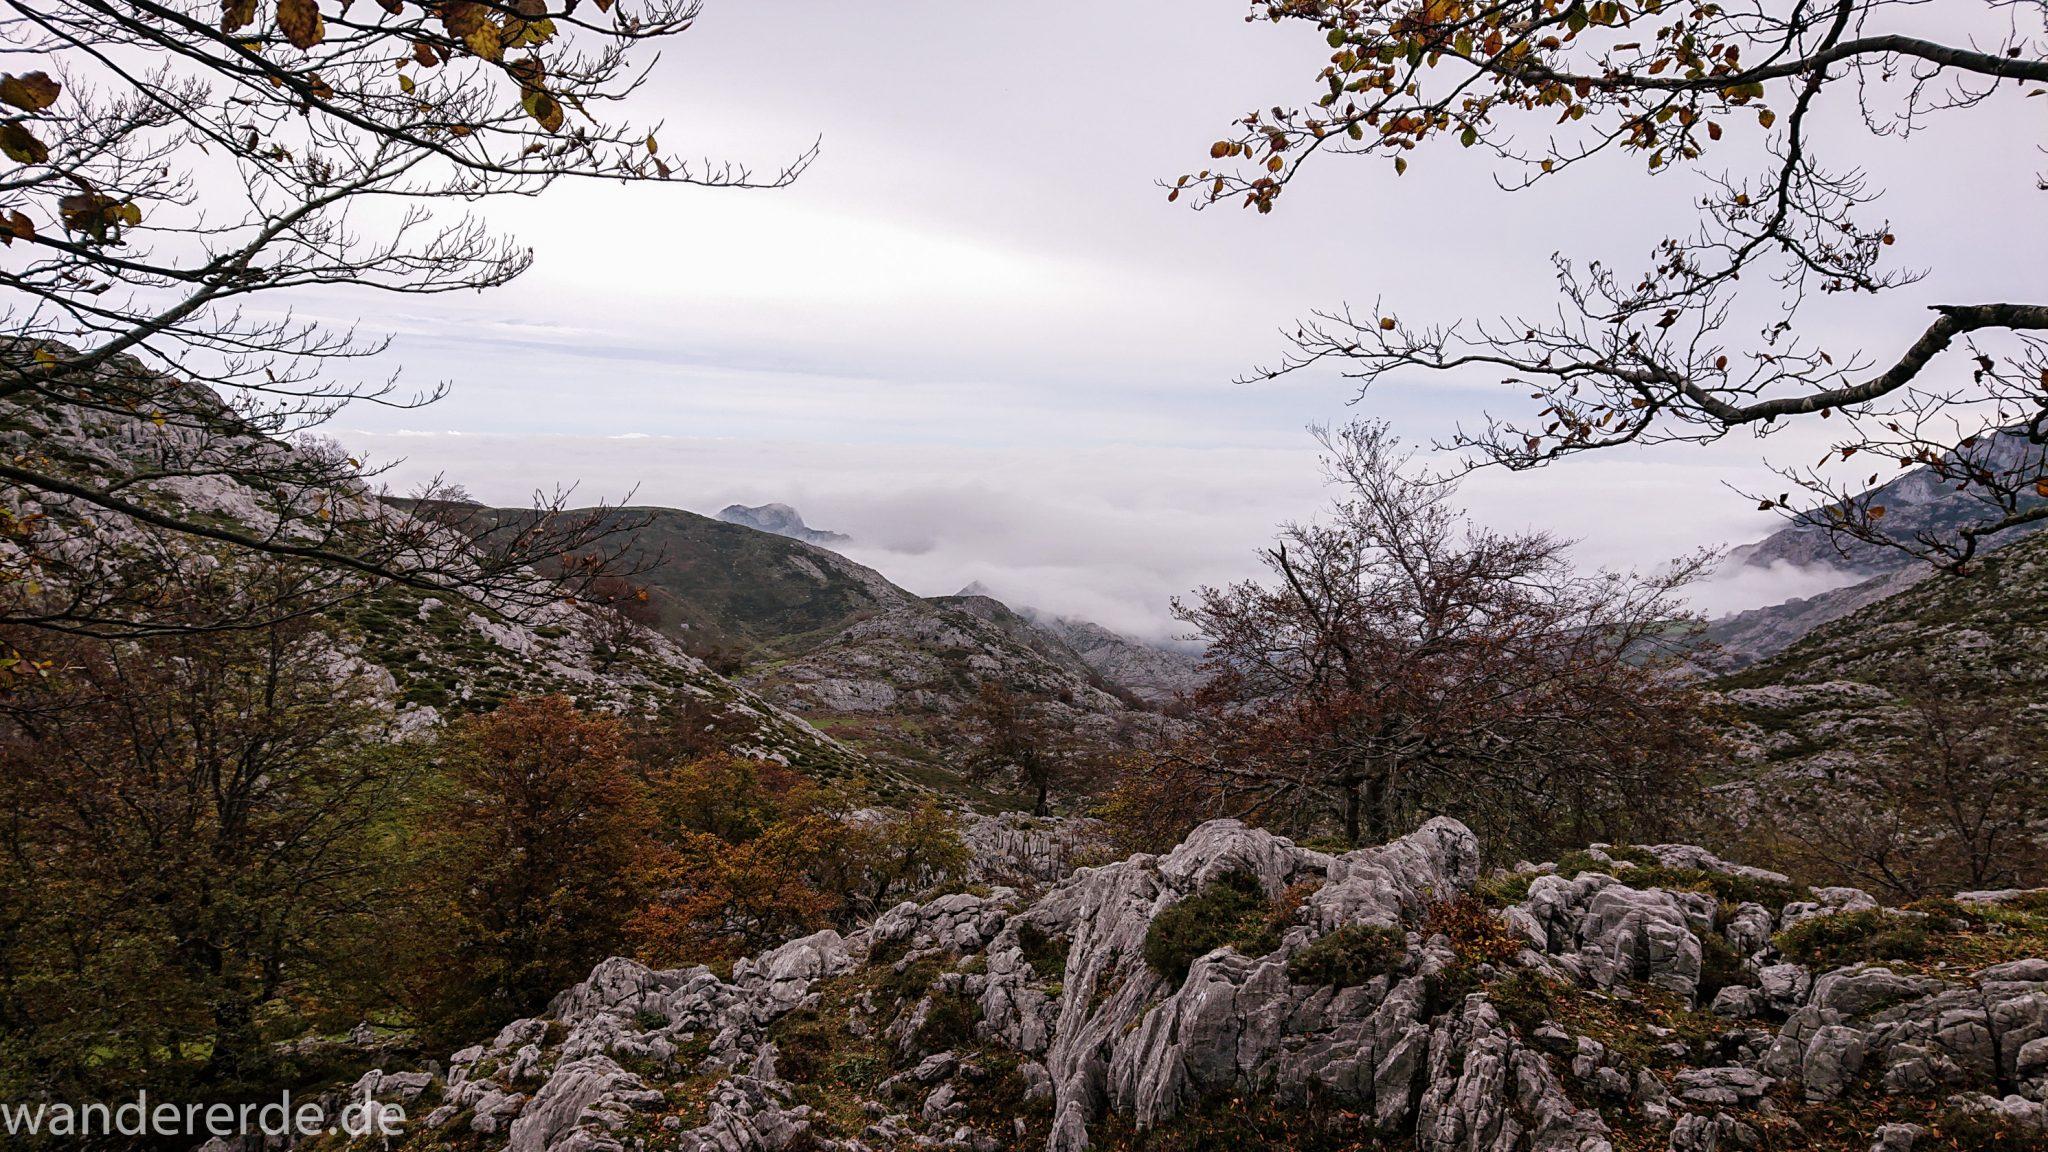 Wanderung Vega de Ario Picos de Europa Spanien, Bäume in Bergregion, Steine und Felsen, dichte Wolkenfelder